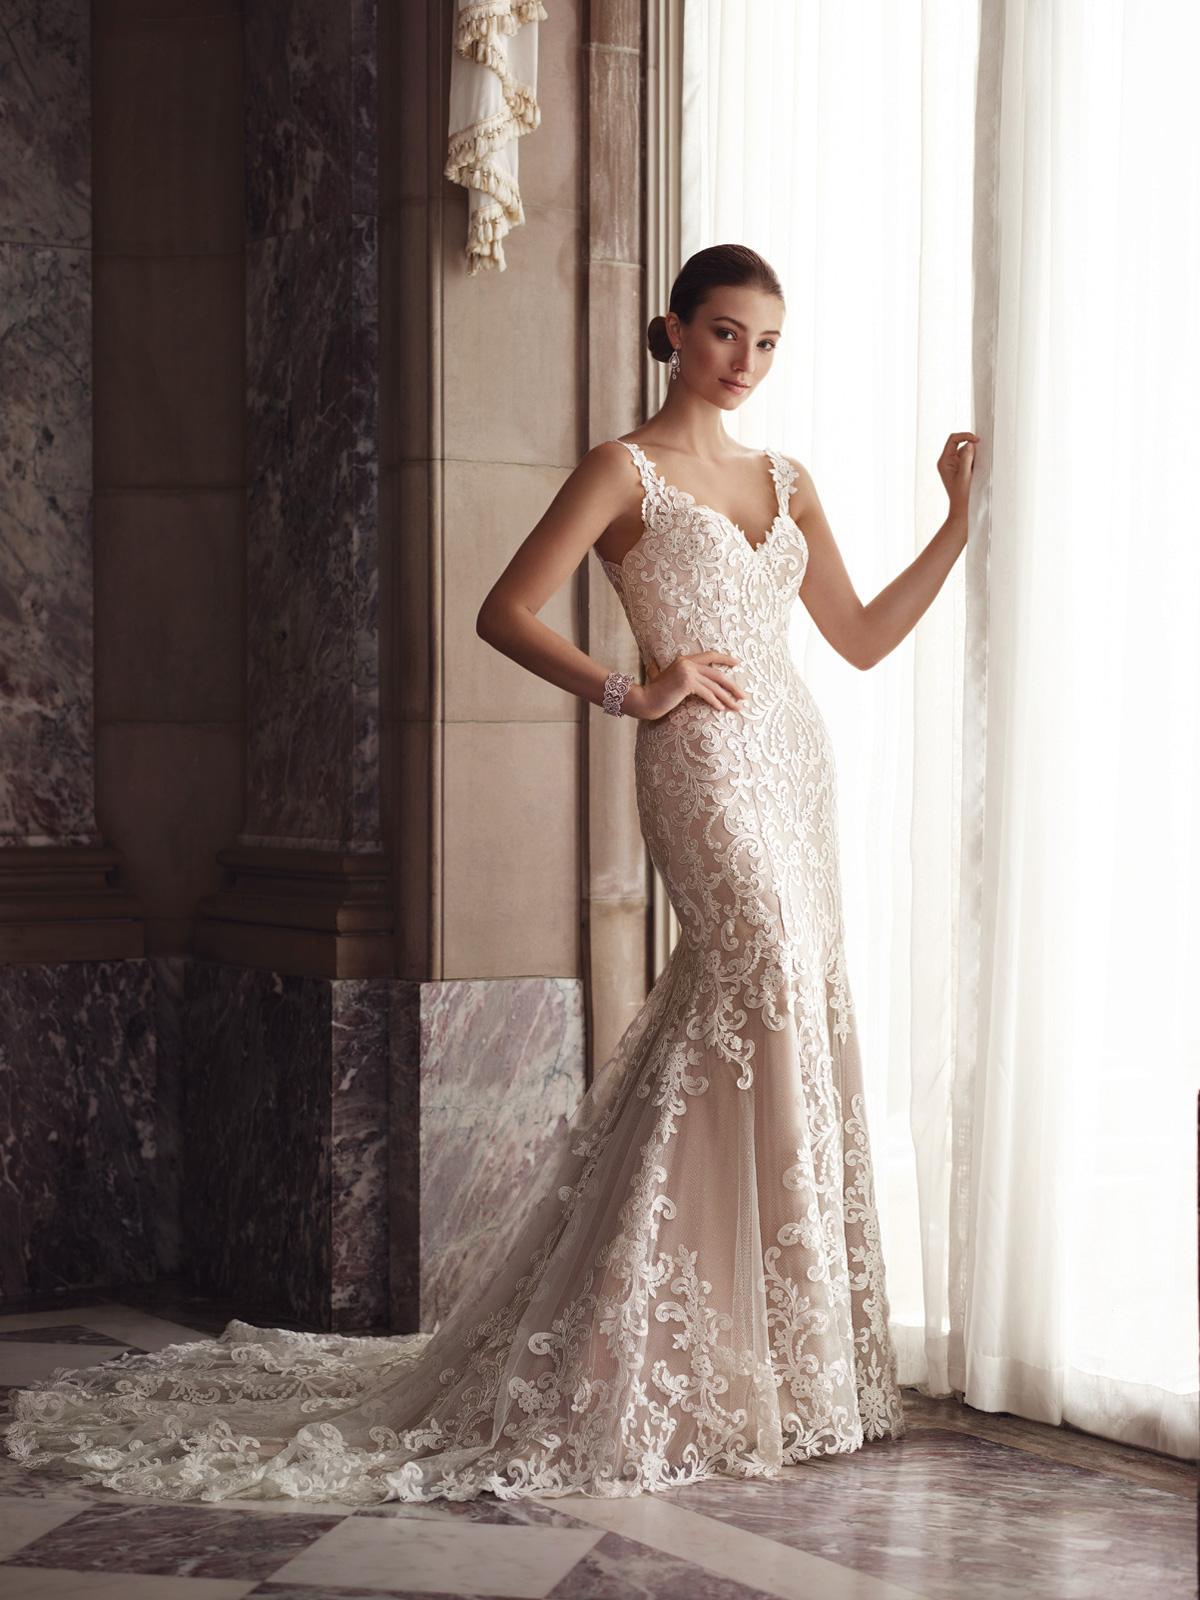 Vestido de Noiva com alças finas e transparência nas costas, corte sereia confeccionado em renda soutache francesa rebordada em pedrarias.